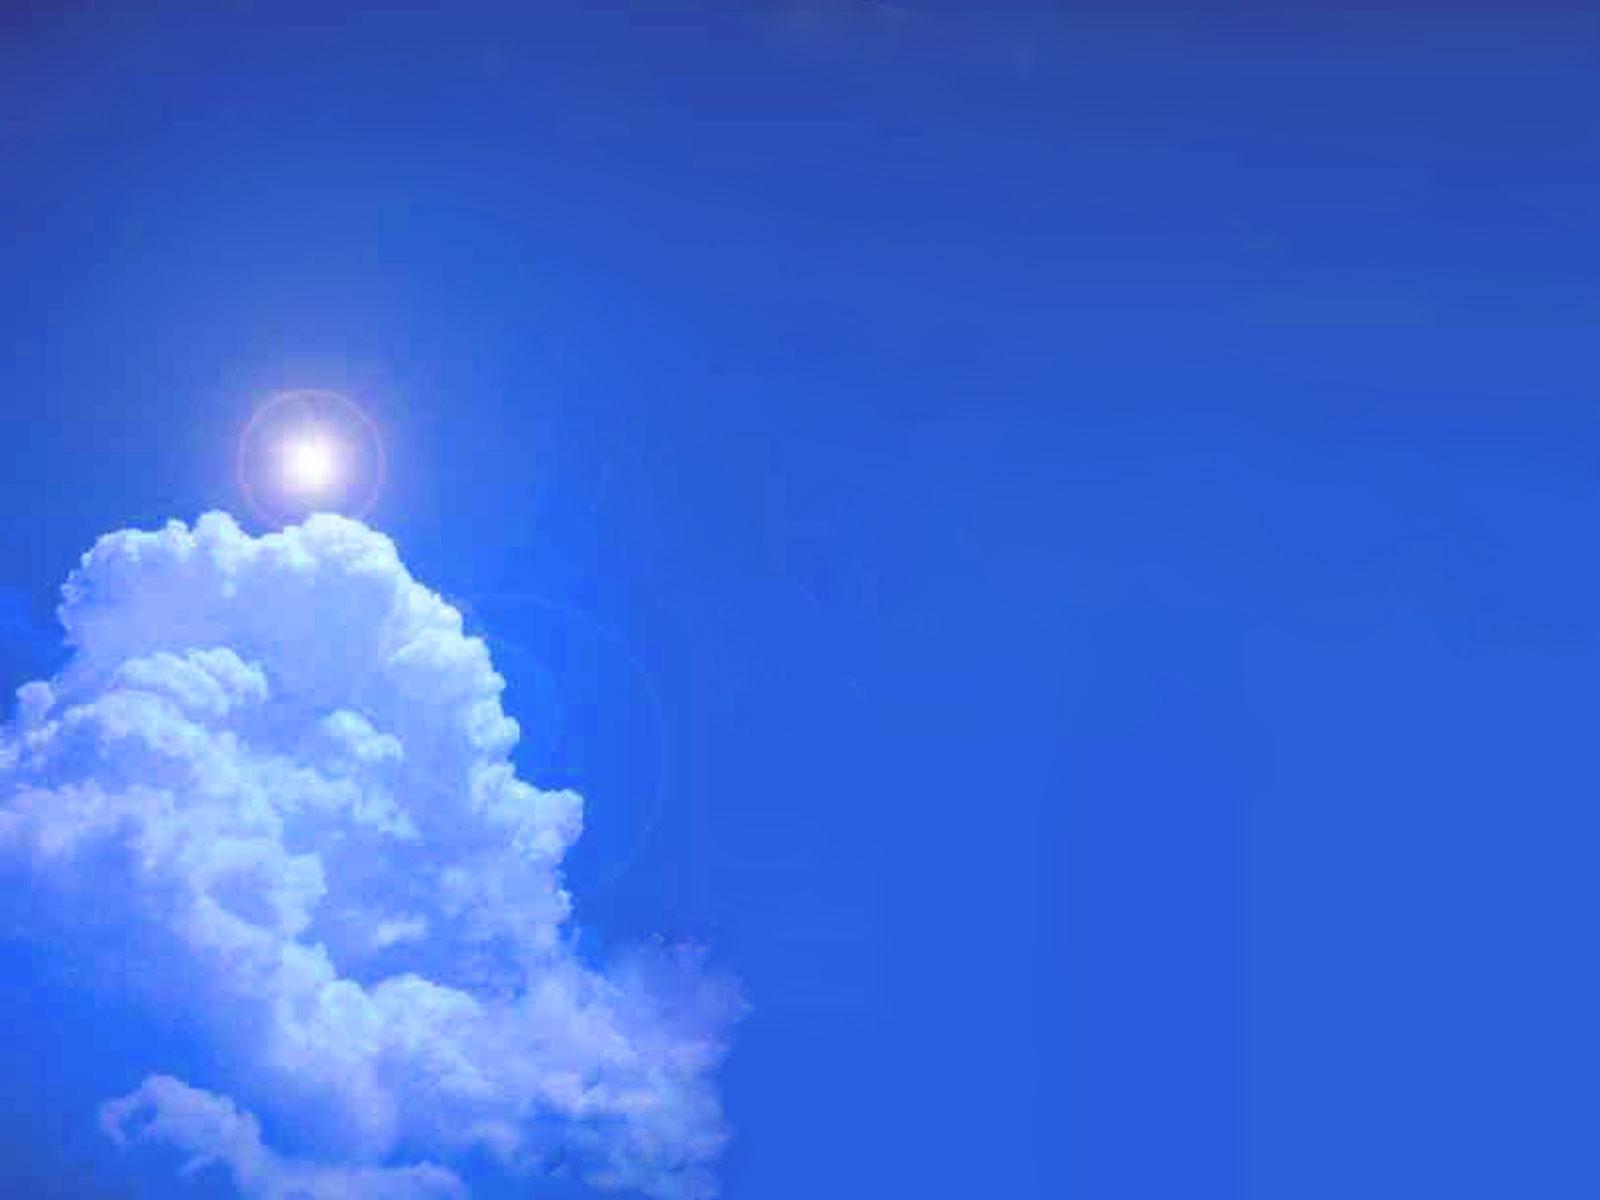 صوره ما لون السماء الحقيقى